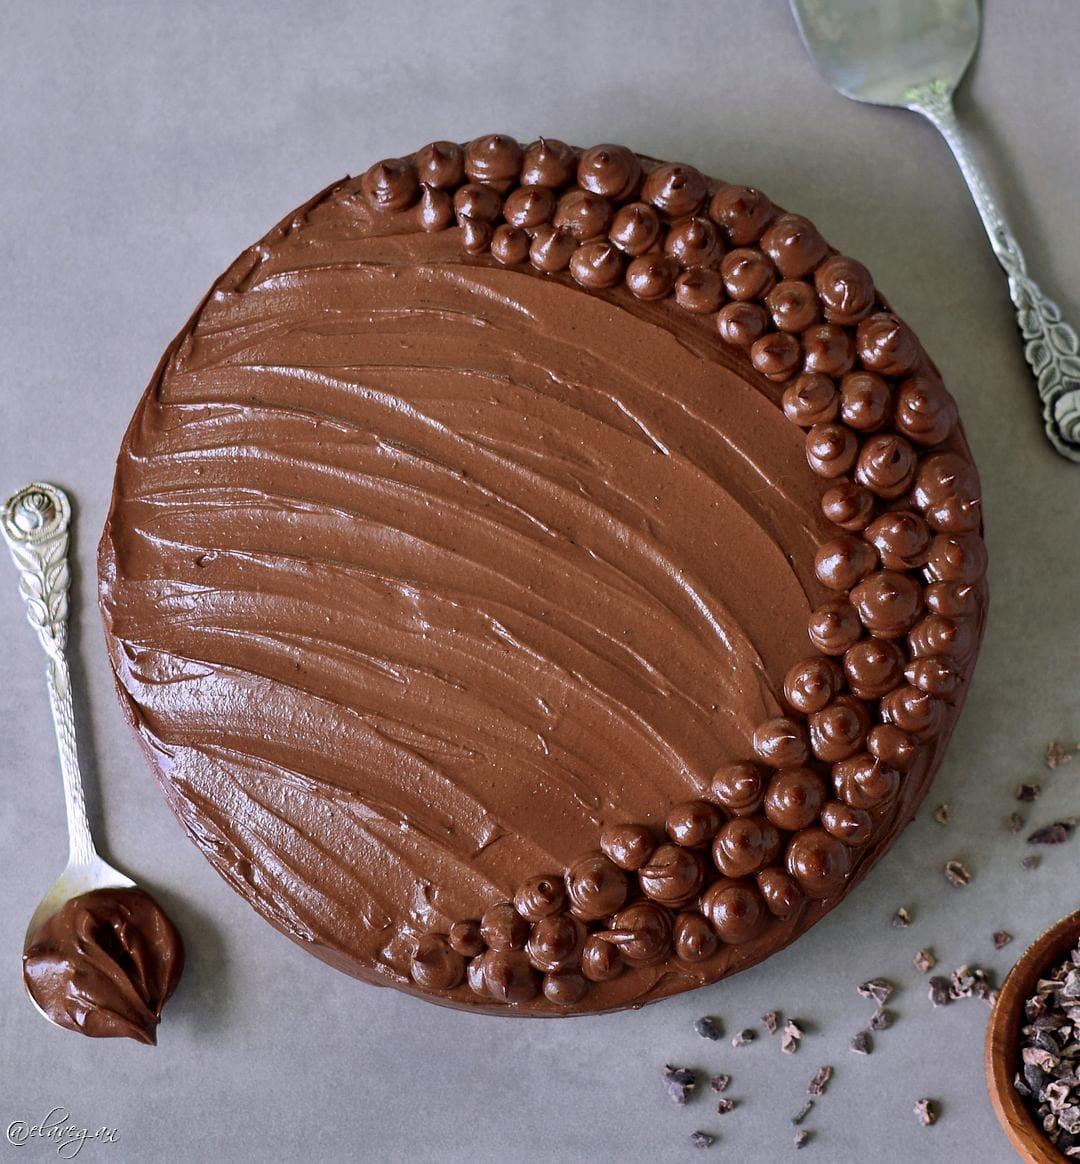 Gluten Free Sugar Free Chocolate Zucchini Cake